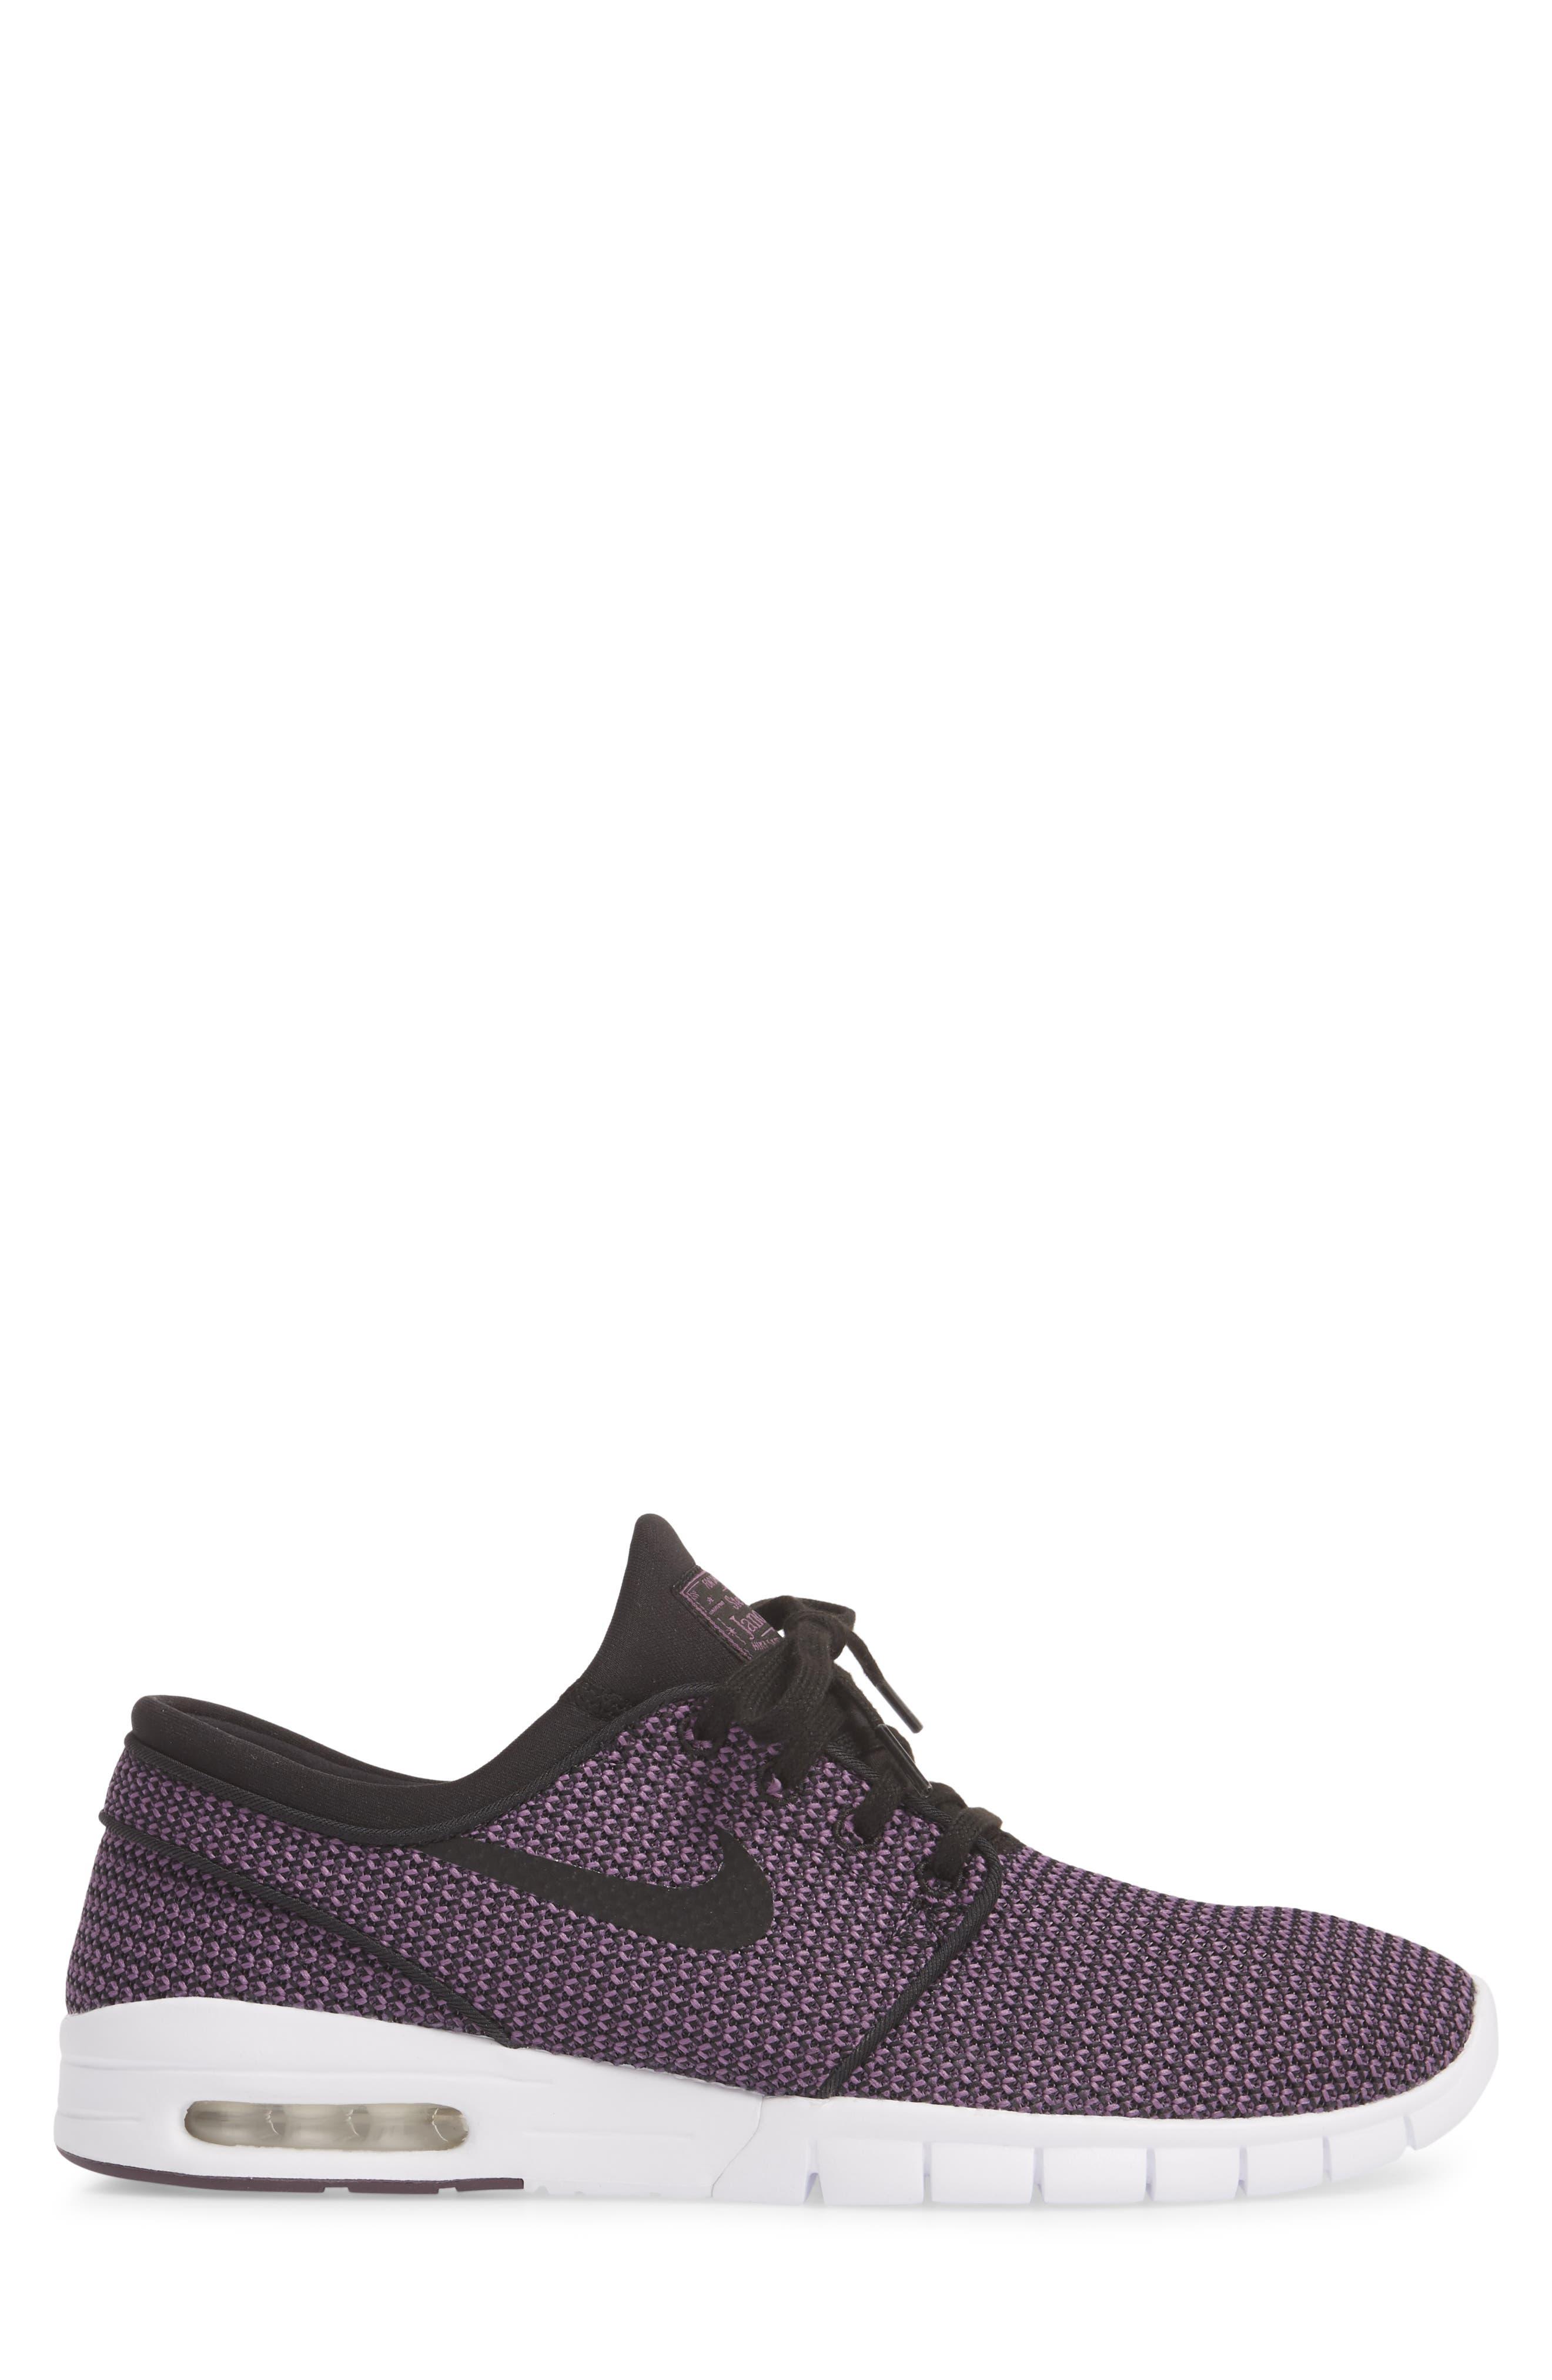 'Stefan Janoski - Max SB' Skate Shoe,                             Alternate thumbnail 4, color,                             BLACK/ PRO PURPLE/ WHITE